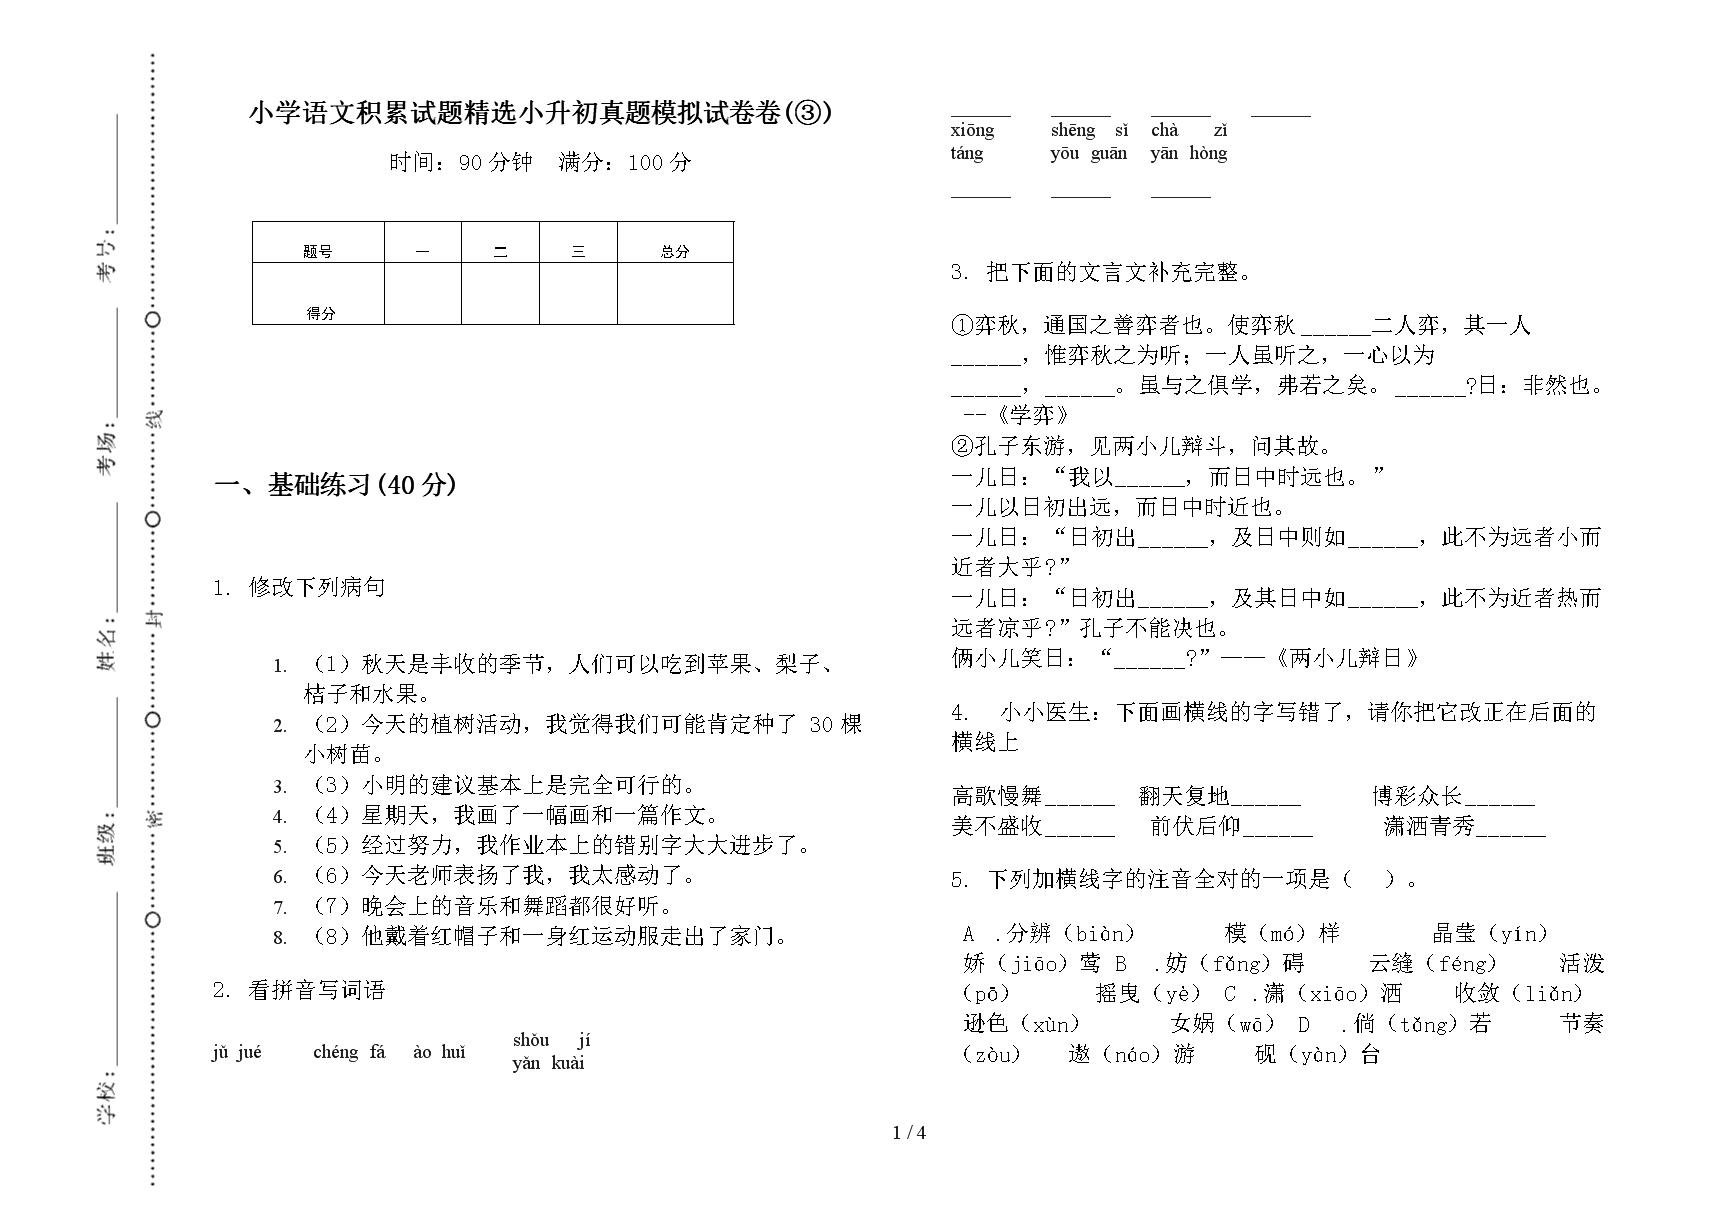 小学语文积累试题精选小升初真题模拟试卷卷(③).docx